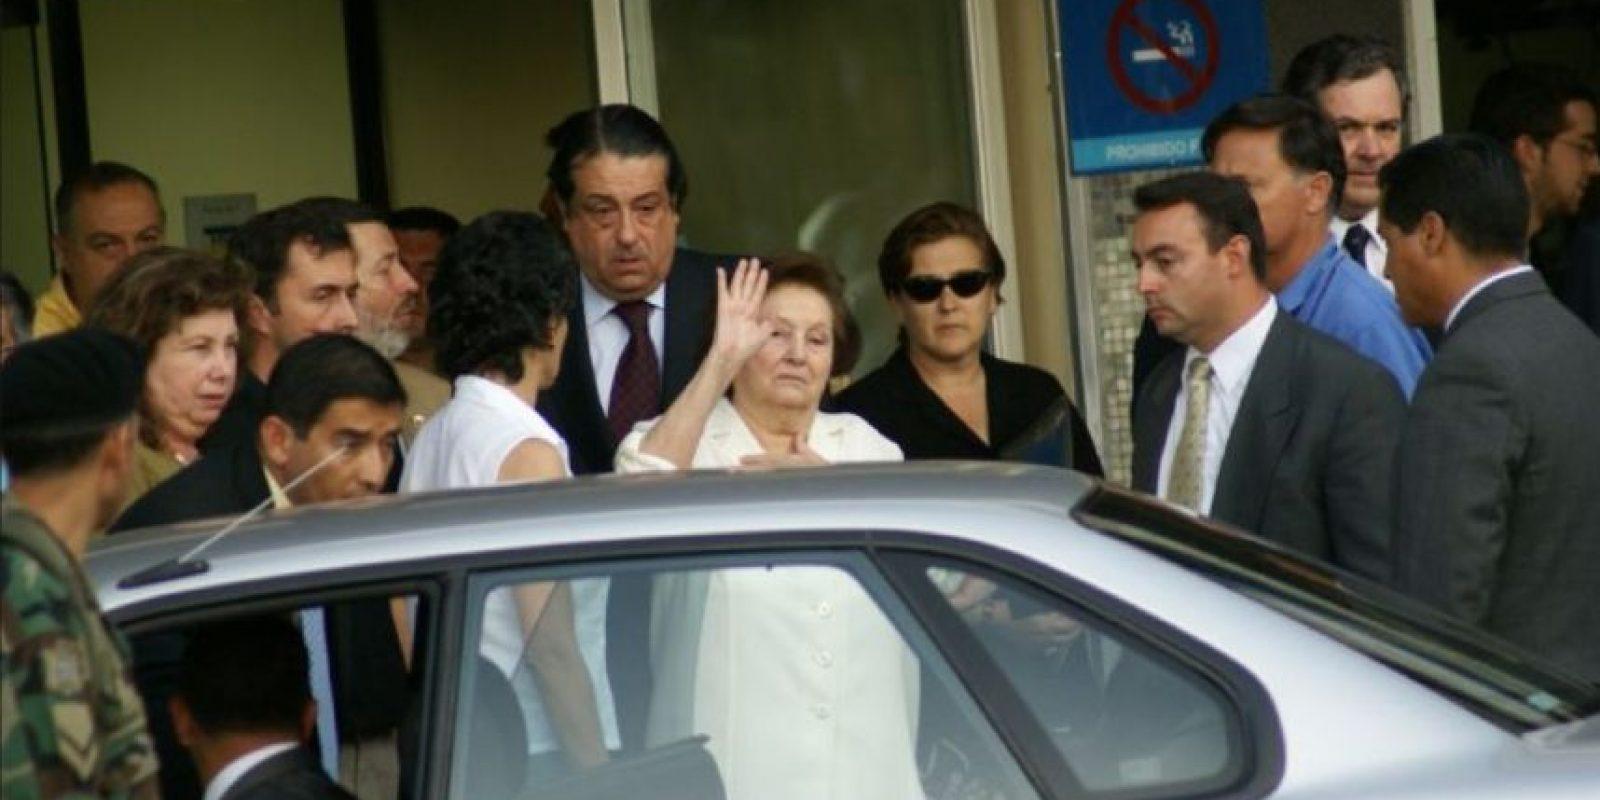 La mujer de 93 años llegó con aparentes problemas de neumonía. Foto:Wikipedia.org